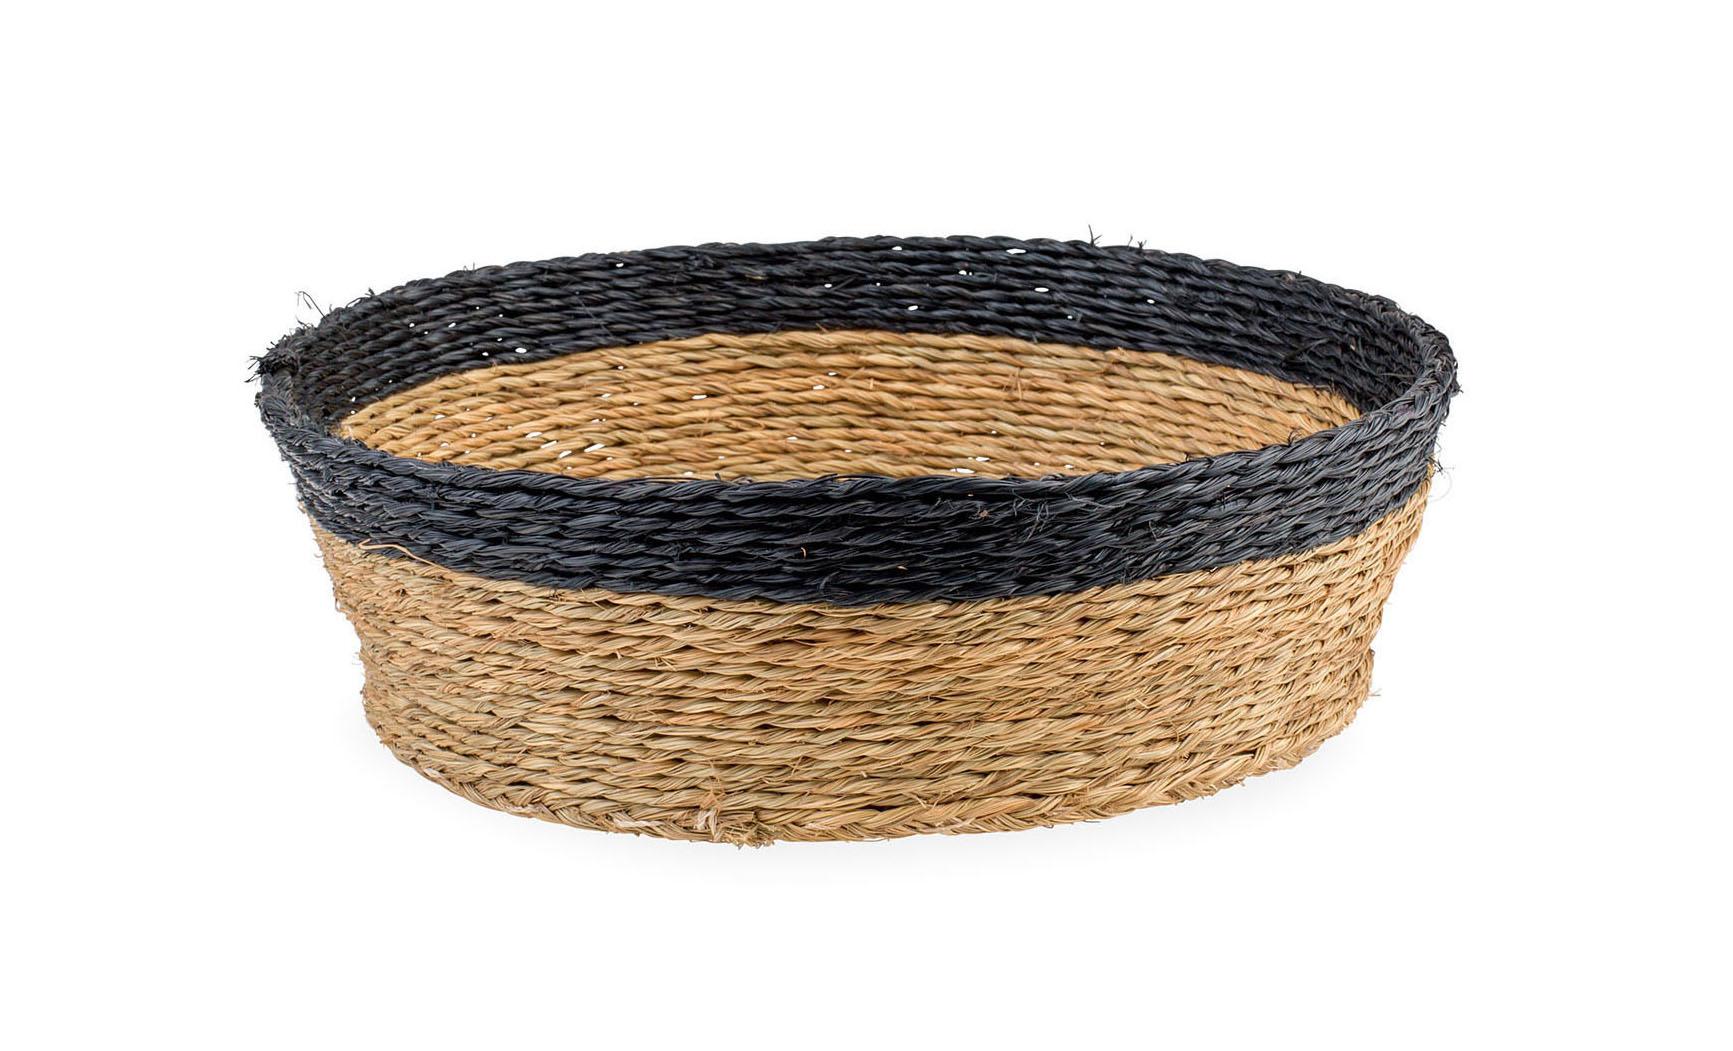 gone-rural-basket